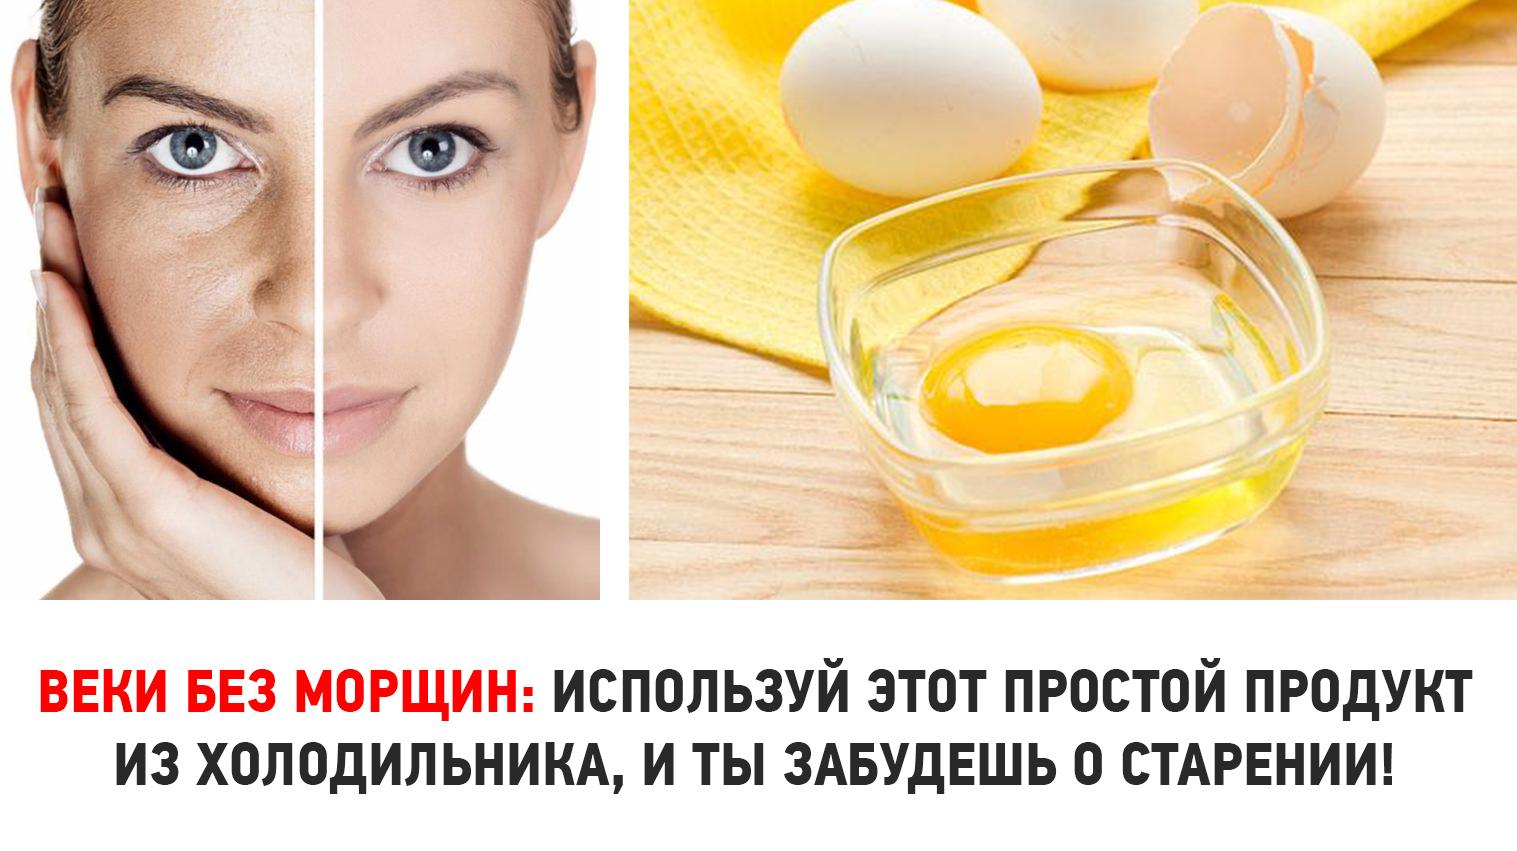 Отзывы от масок от морщин для глаз в домашних условиях